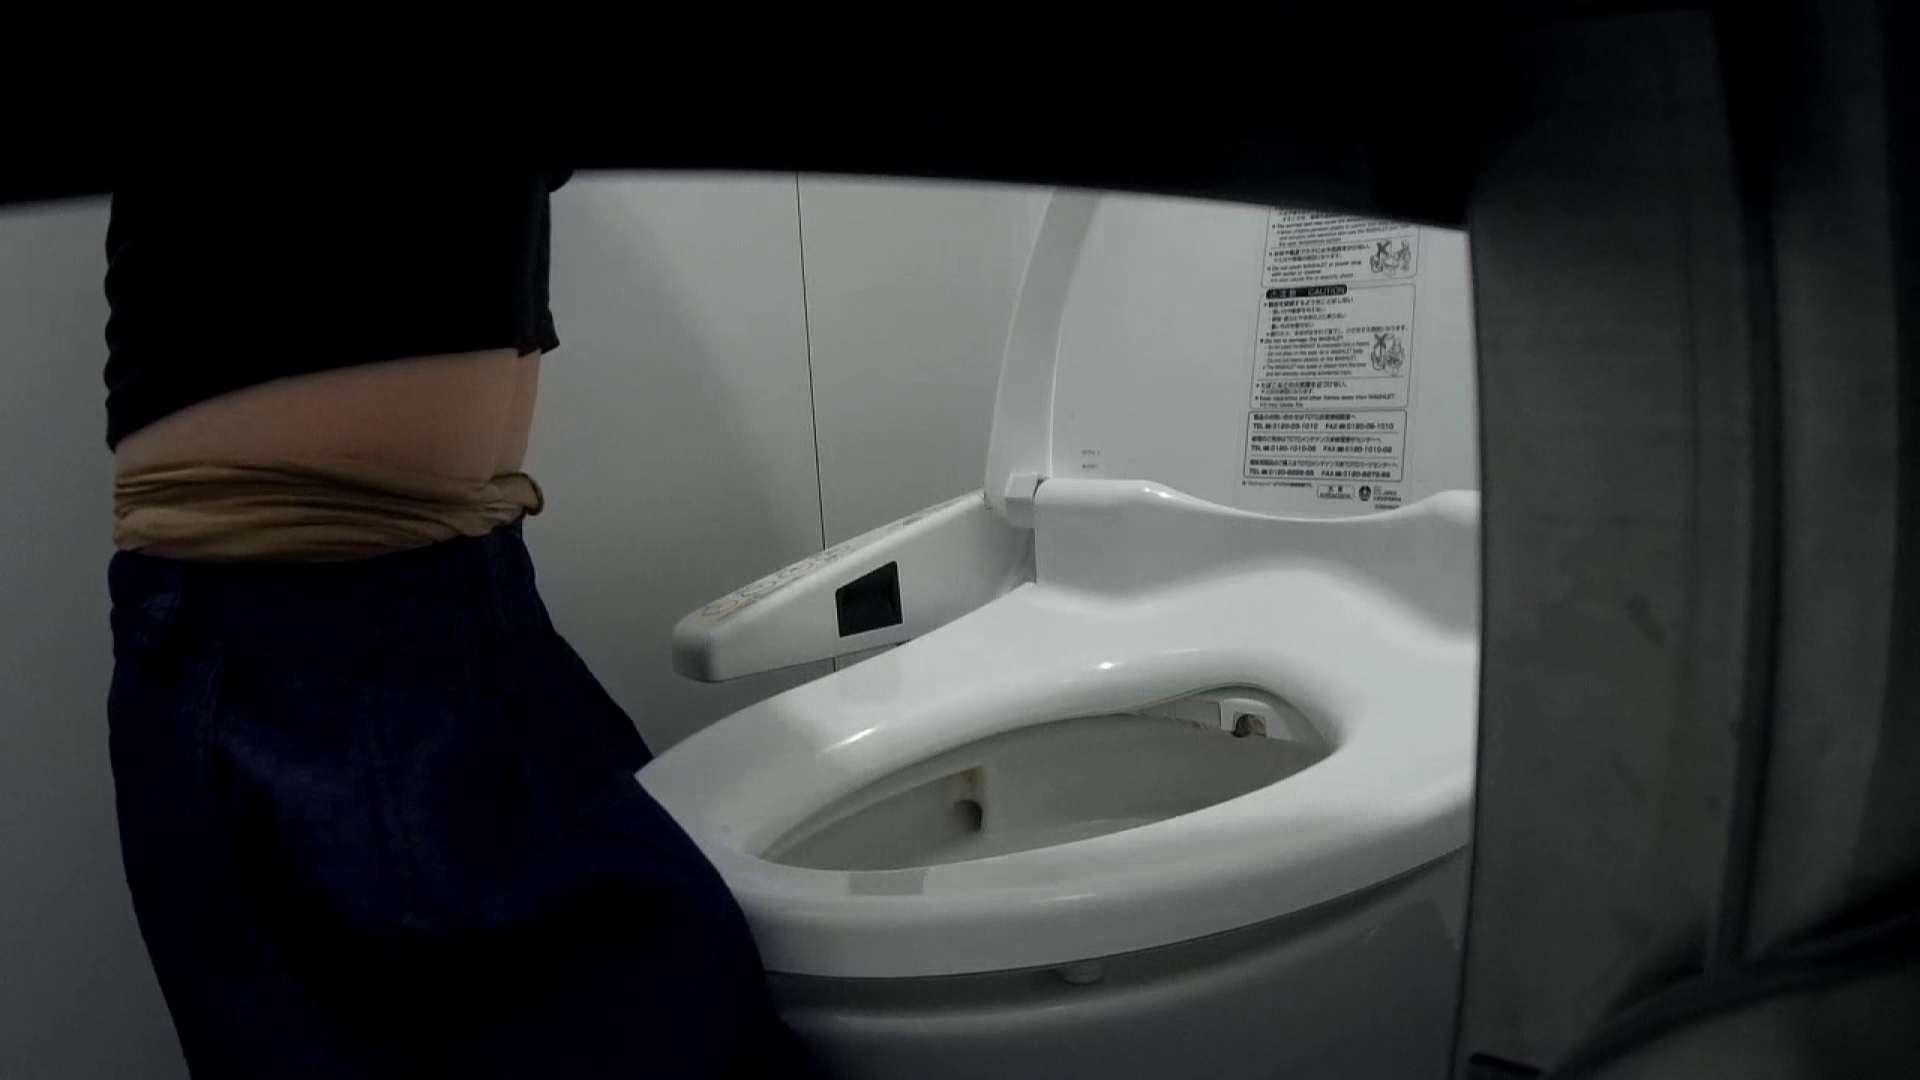 有名大学女性洗面所 vol.45 冴え渡る多方向撮影!職人技です。 潜入  98pic 73